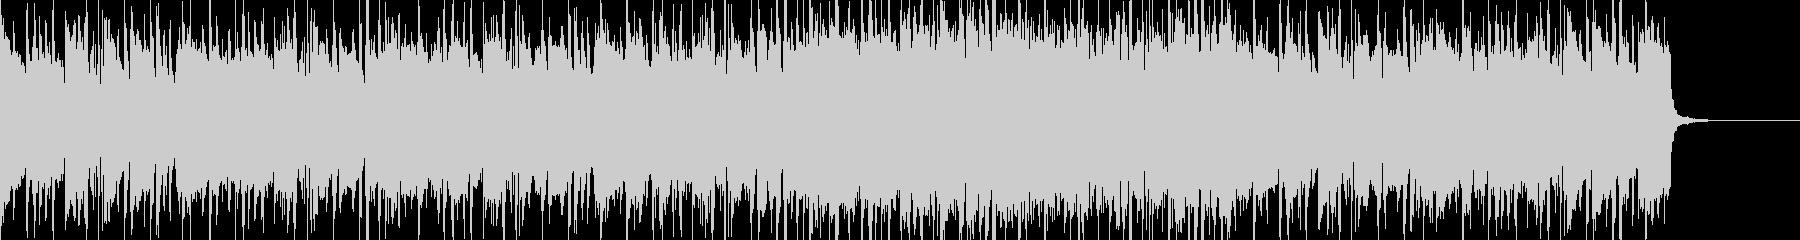 ハードロック系のリフの未再生の波形